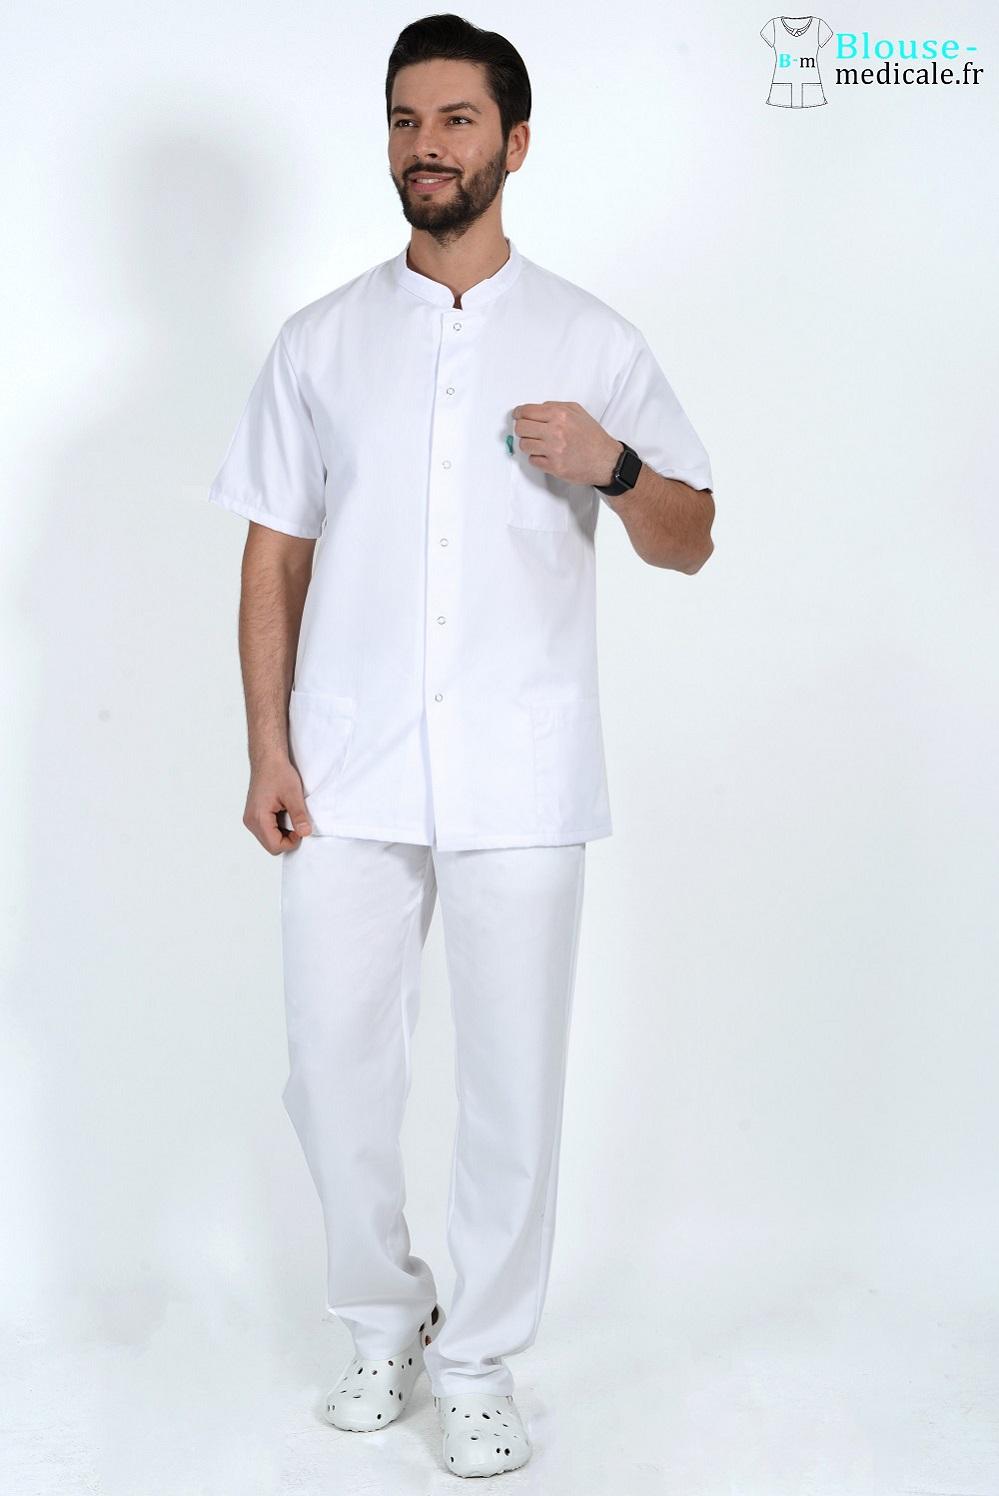 tenue medicale homme blanc pas cher pour ostéo kiné dentiste